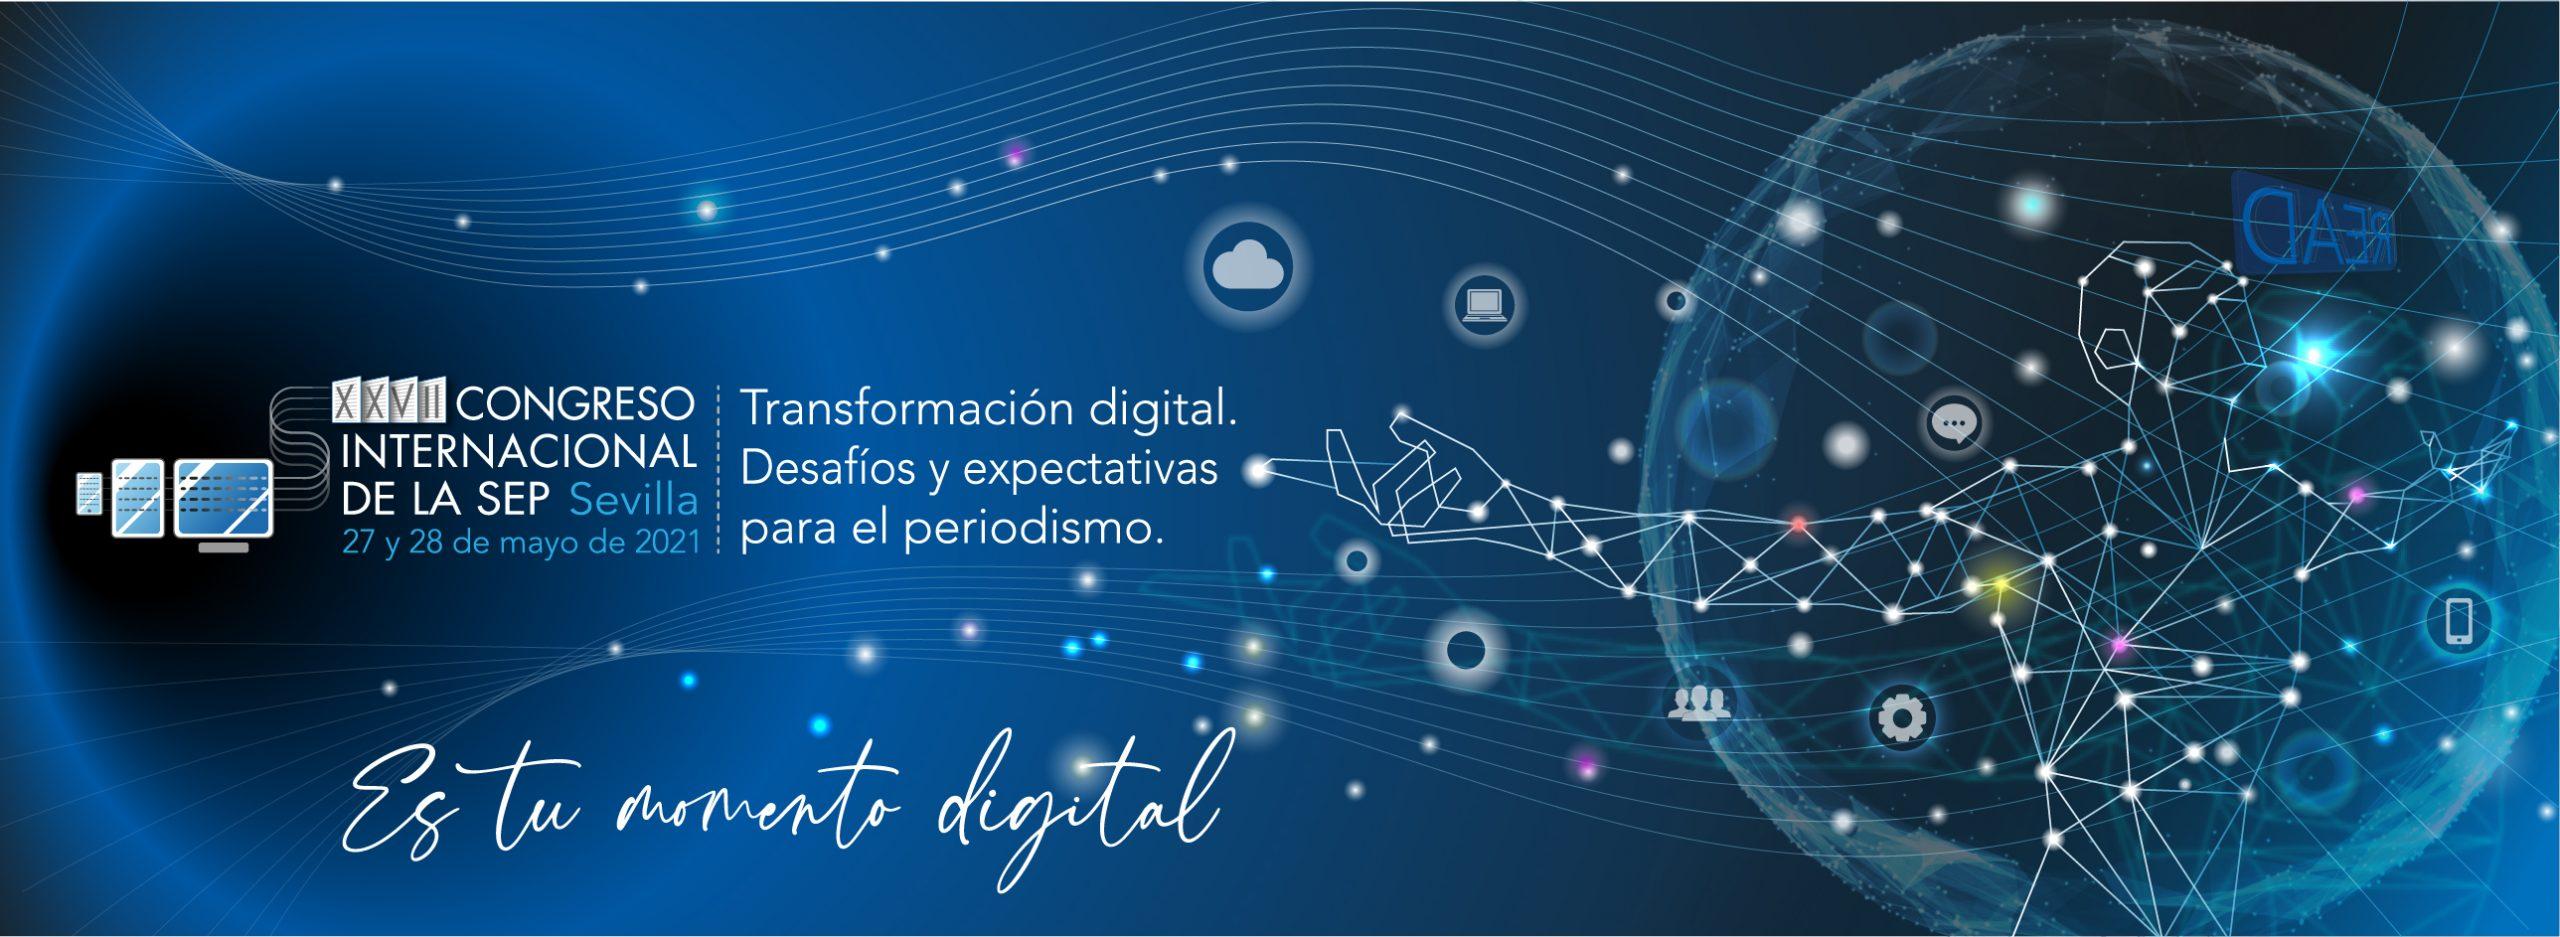 Encuentro que permite la conexión con el mundo académico, empresarial y profesional. 27 y 28 de mayo de 2021 en Sevilla.